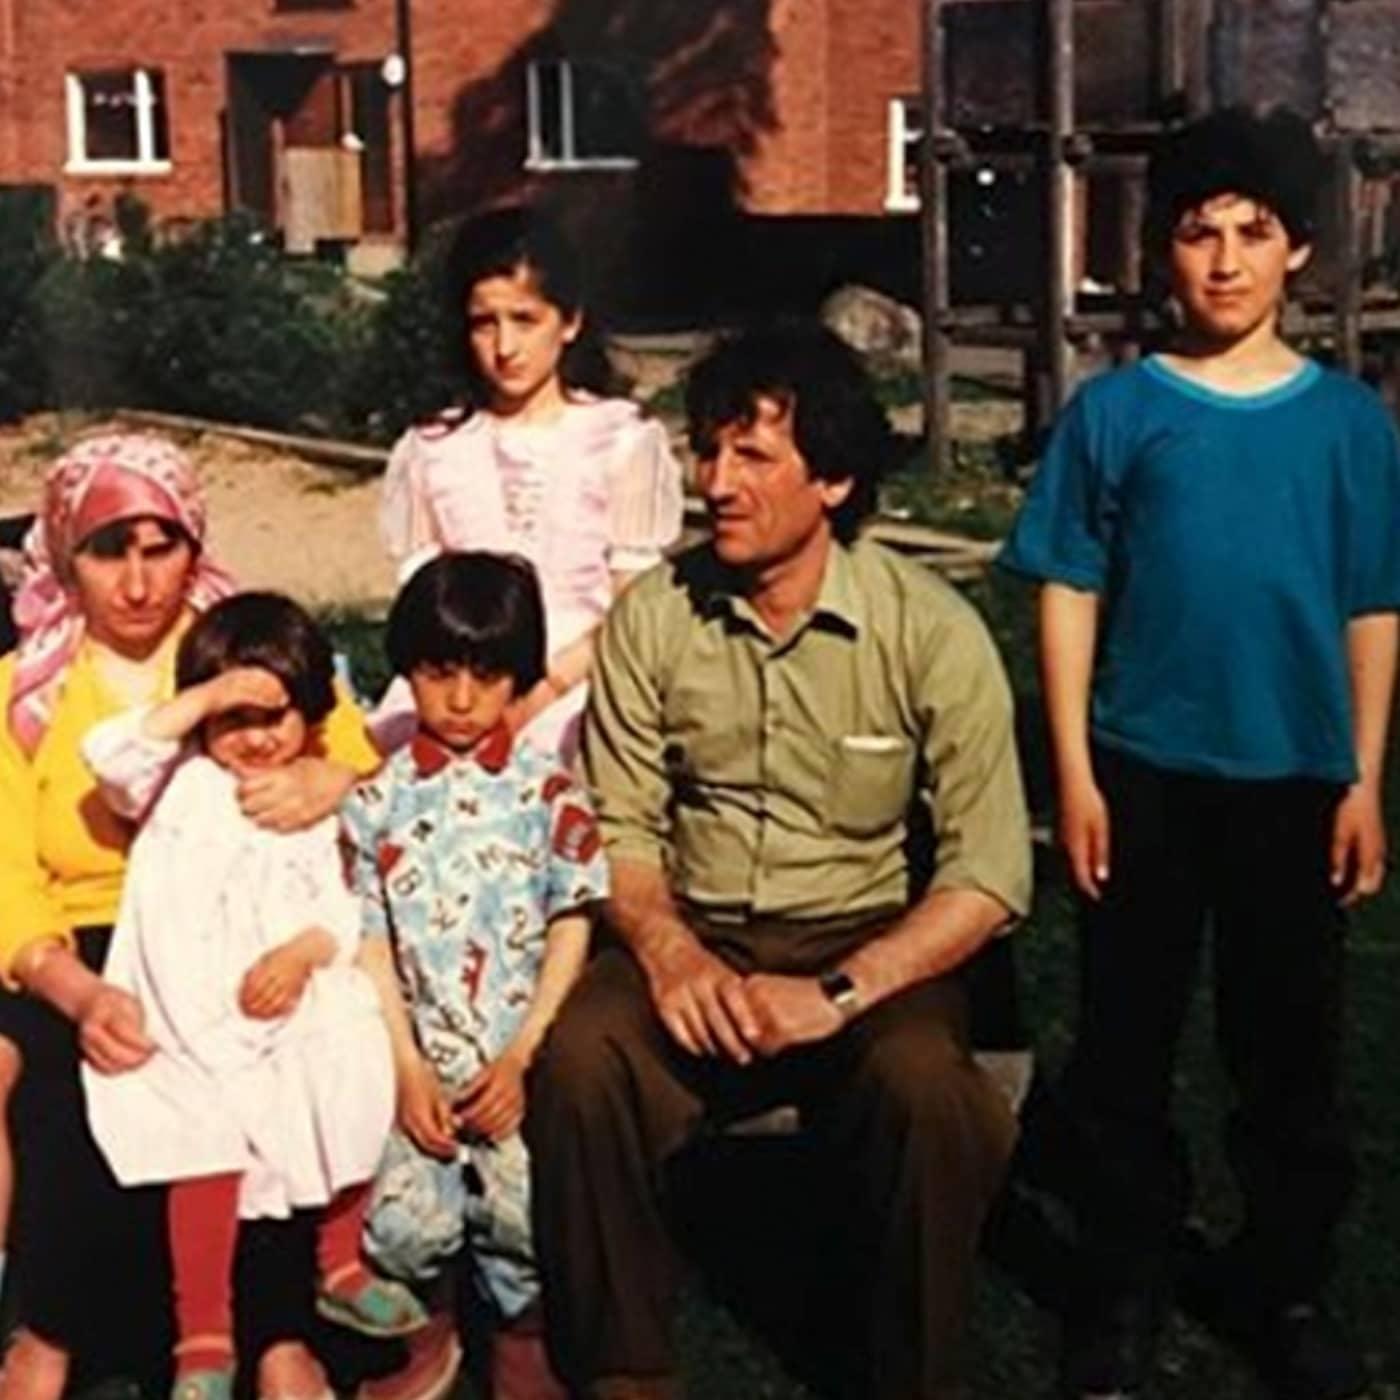 Det var en gång en familj